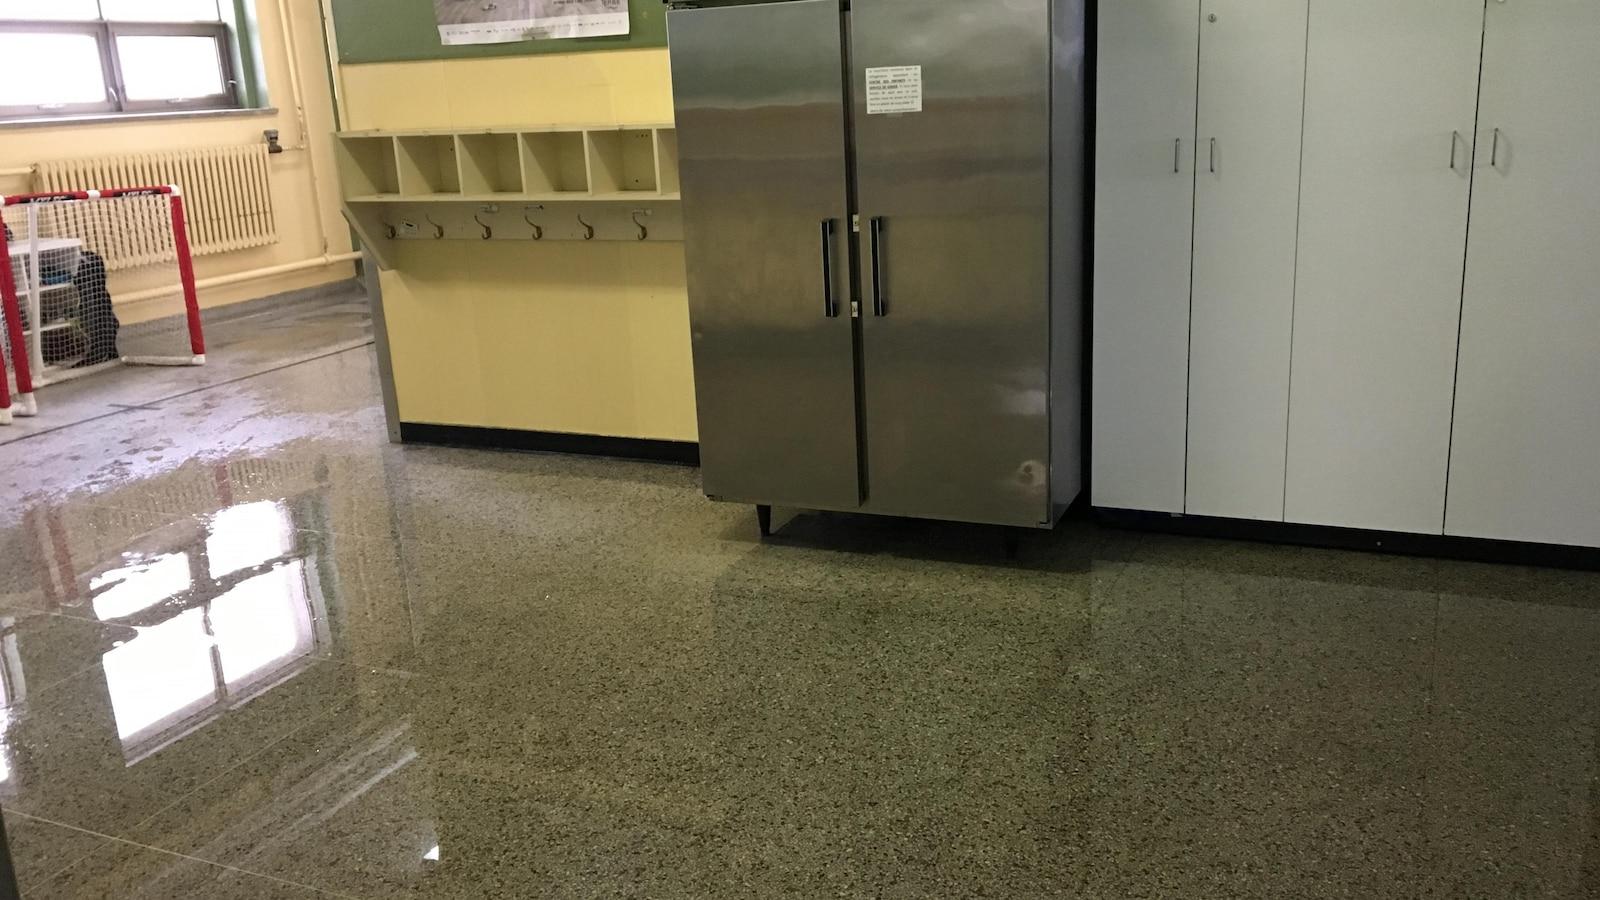 Le plancher de l'école recouvert d'eau